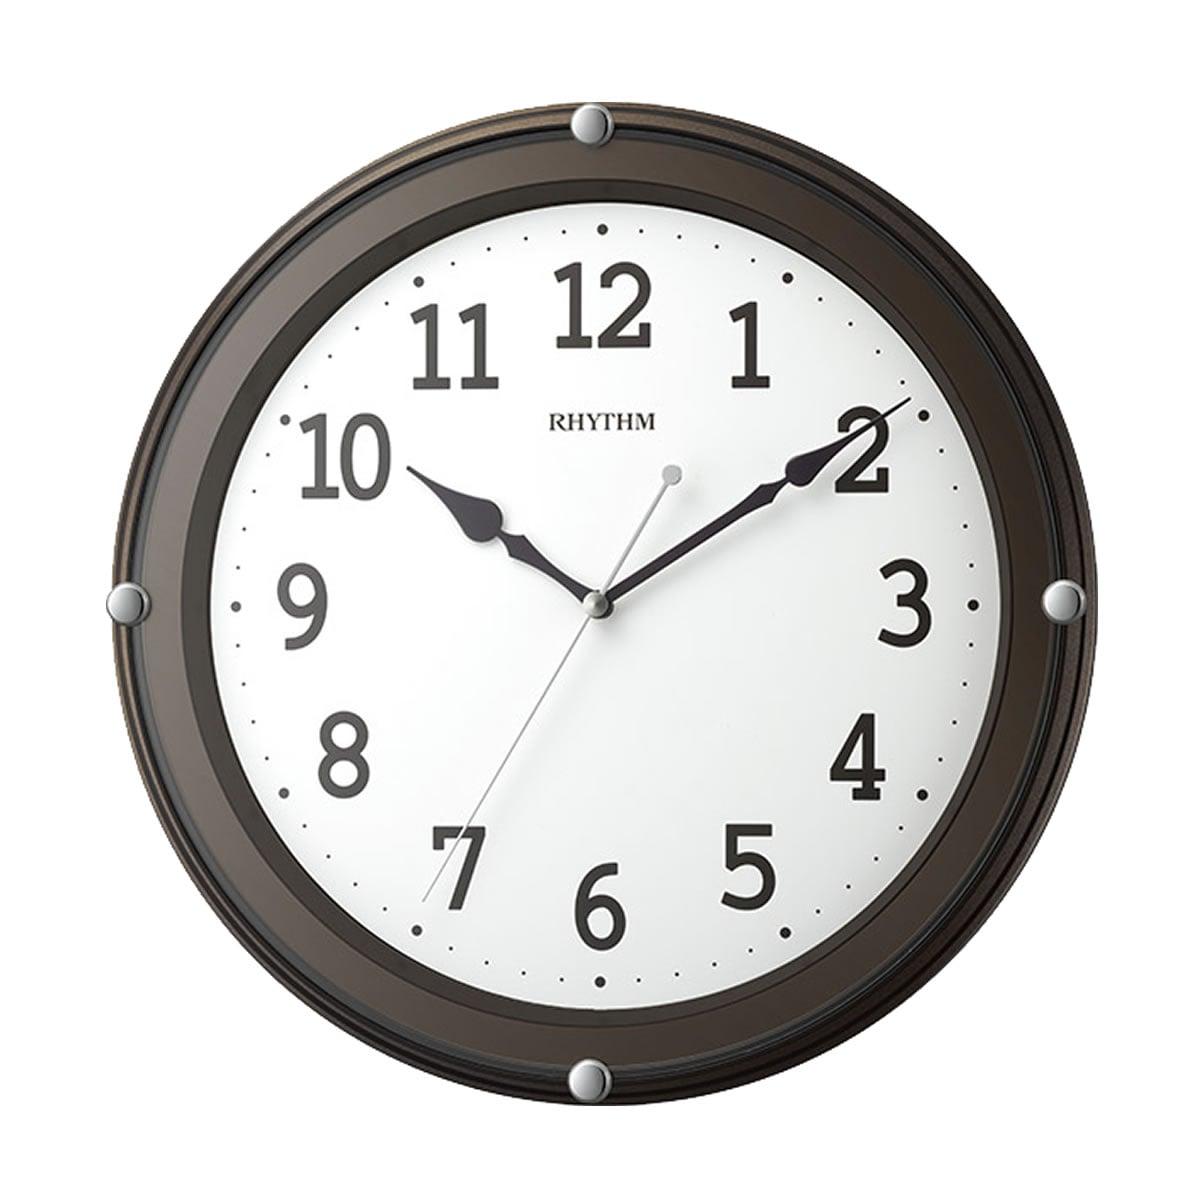 RHYTHM(リズム) 掛け時計 オルロージュM801 8MG801SR06